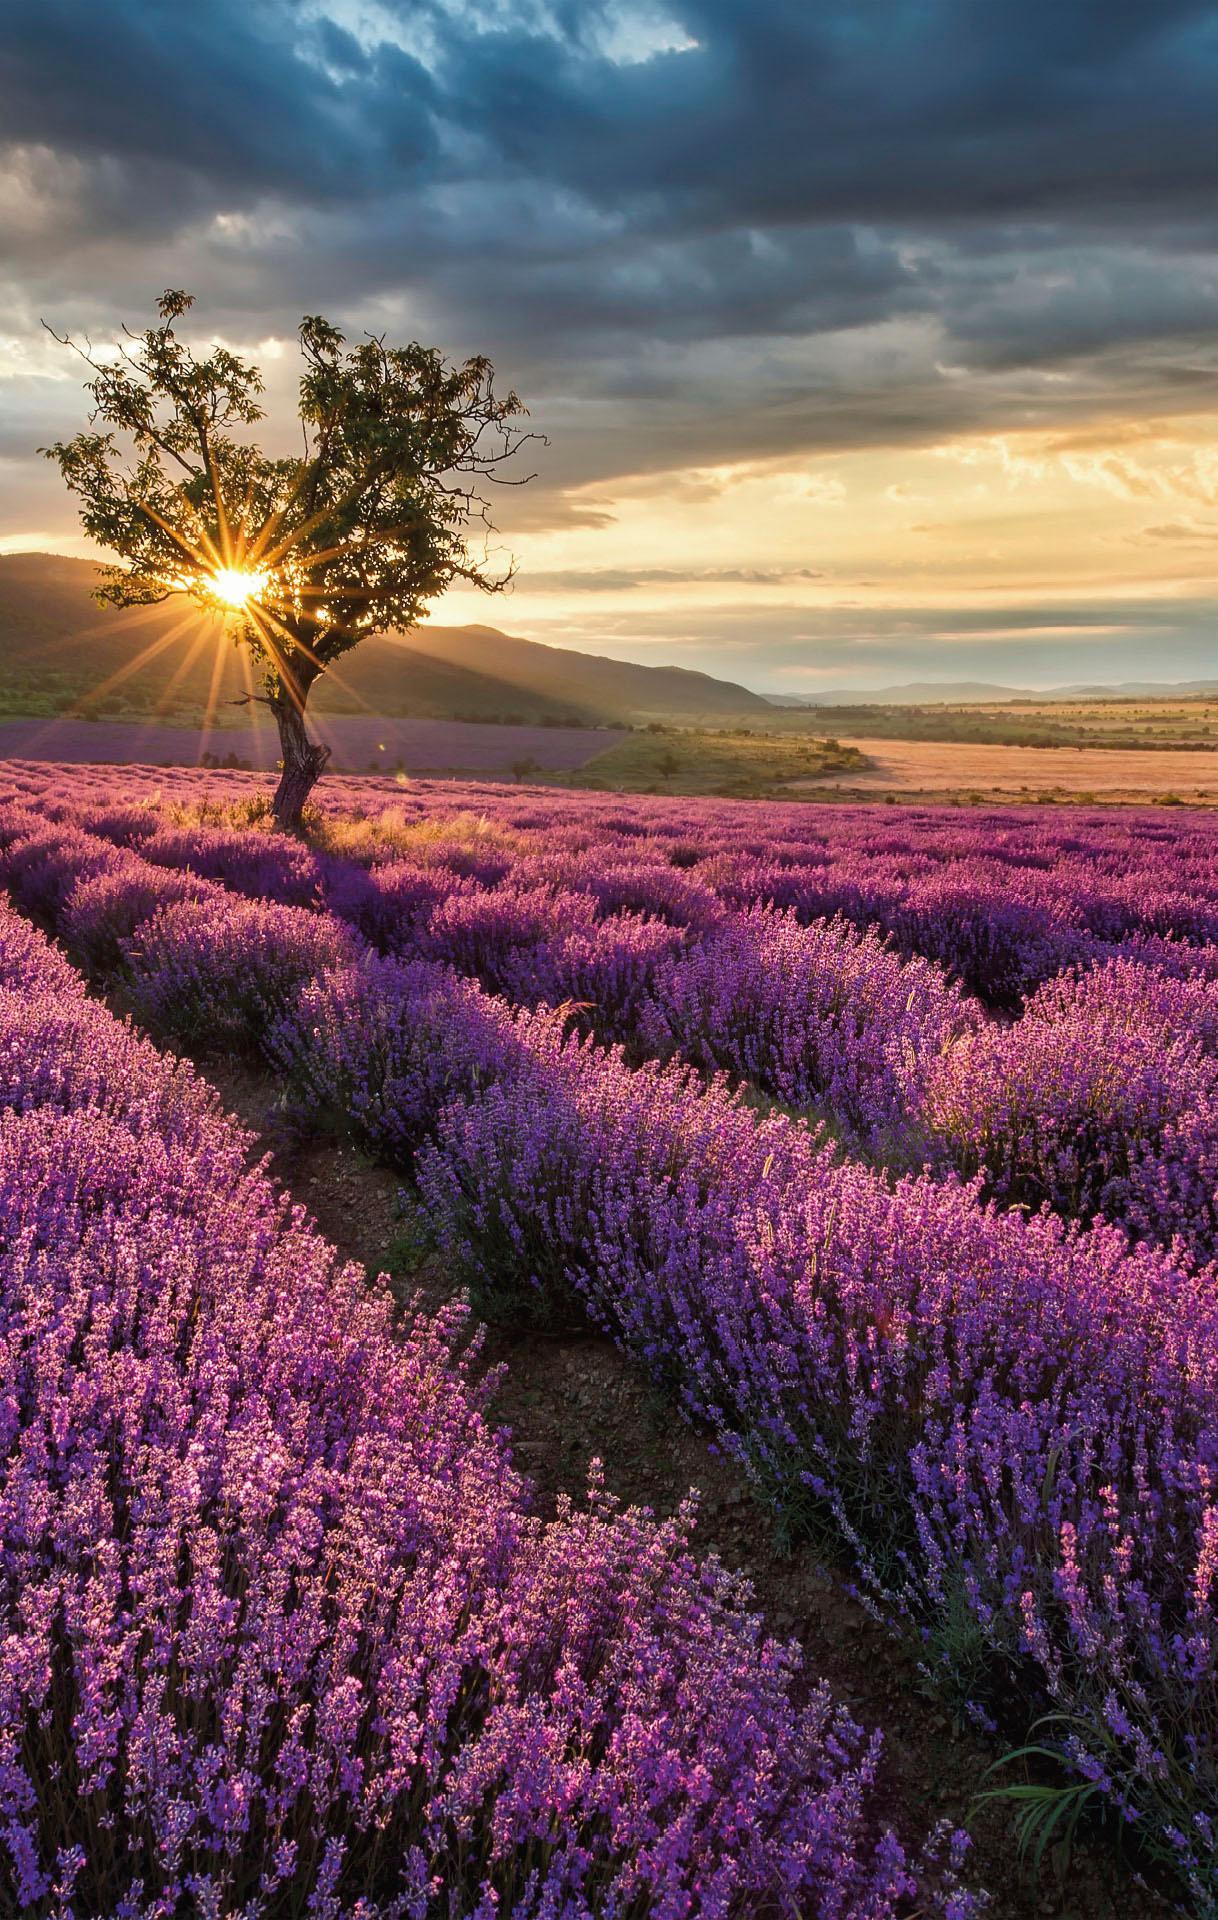 Vliestapete Lavendelblüte in der Provence Technik & Freizeit/Heimwerken & Garten/Bauen & Renovieren/Tapeten/Fototapeten/Fototapeten Blumen